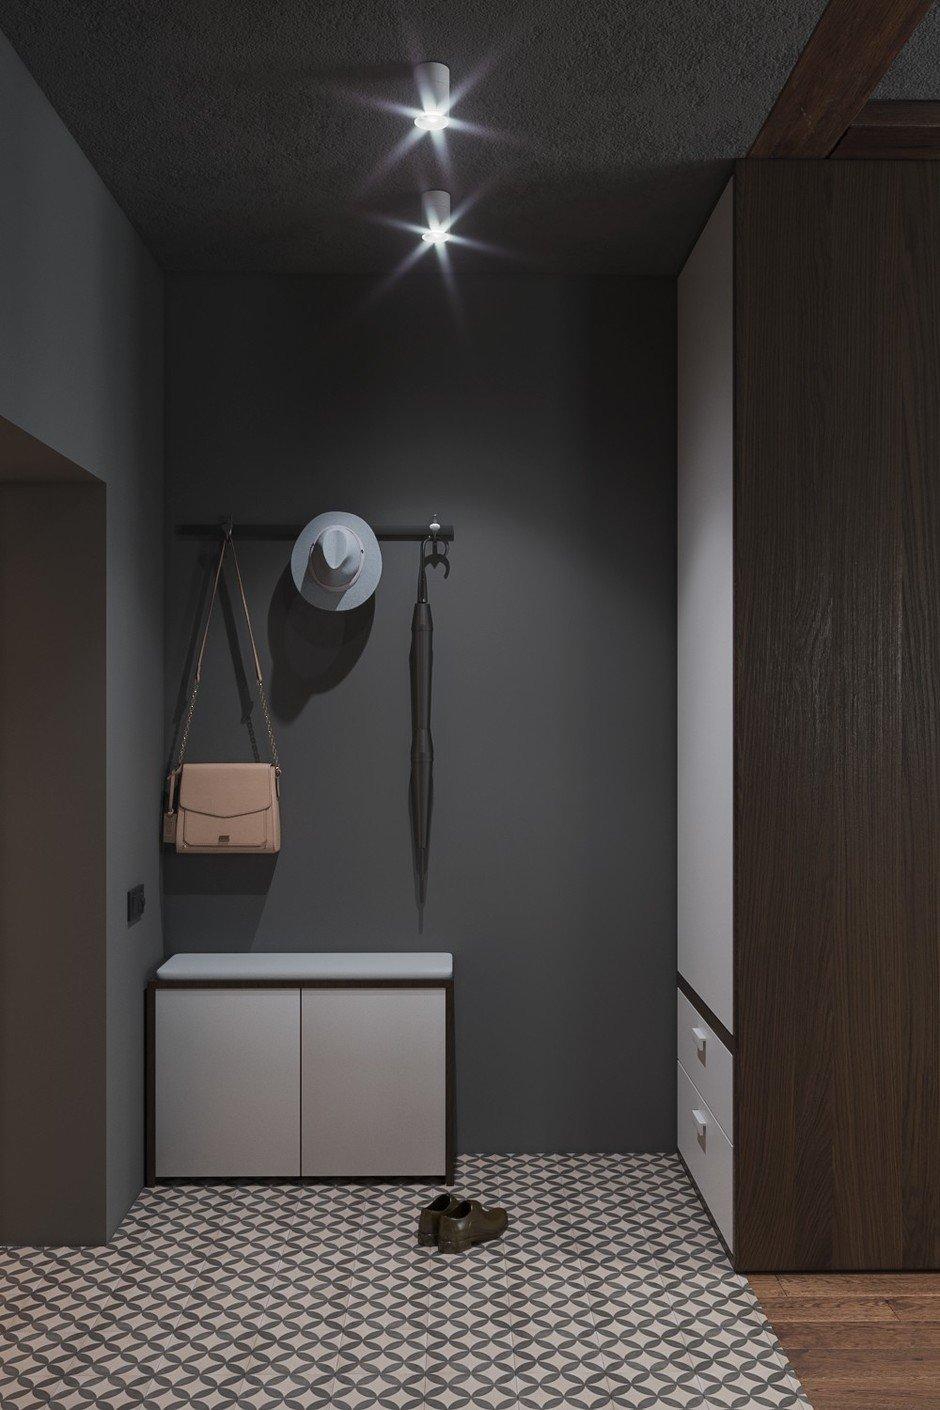 Фотография: Прихожая в стиле Лофт, Квартира, Проект недели, Москва, Монолитный дом, 2 комнаты, 40-60 метров, CENS architects, ЖК «Технопарк» – фото на InMyRoom.ru